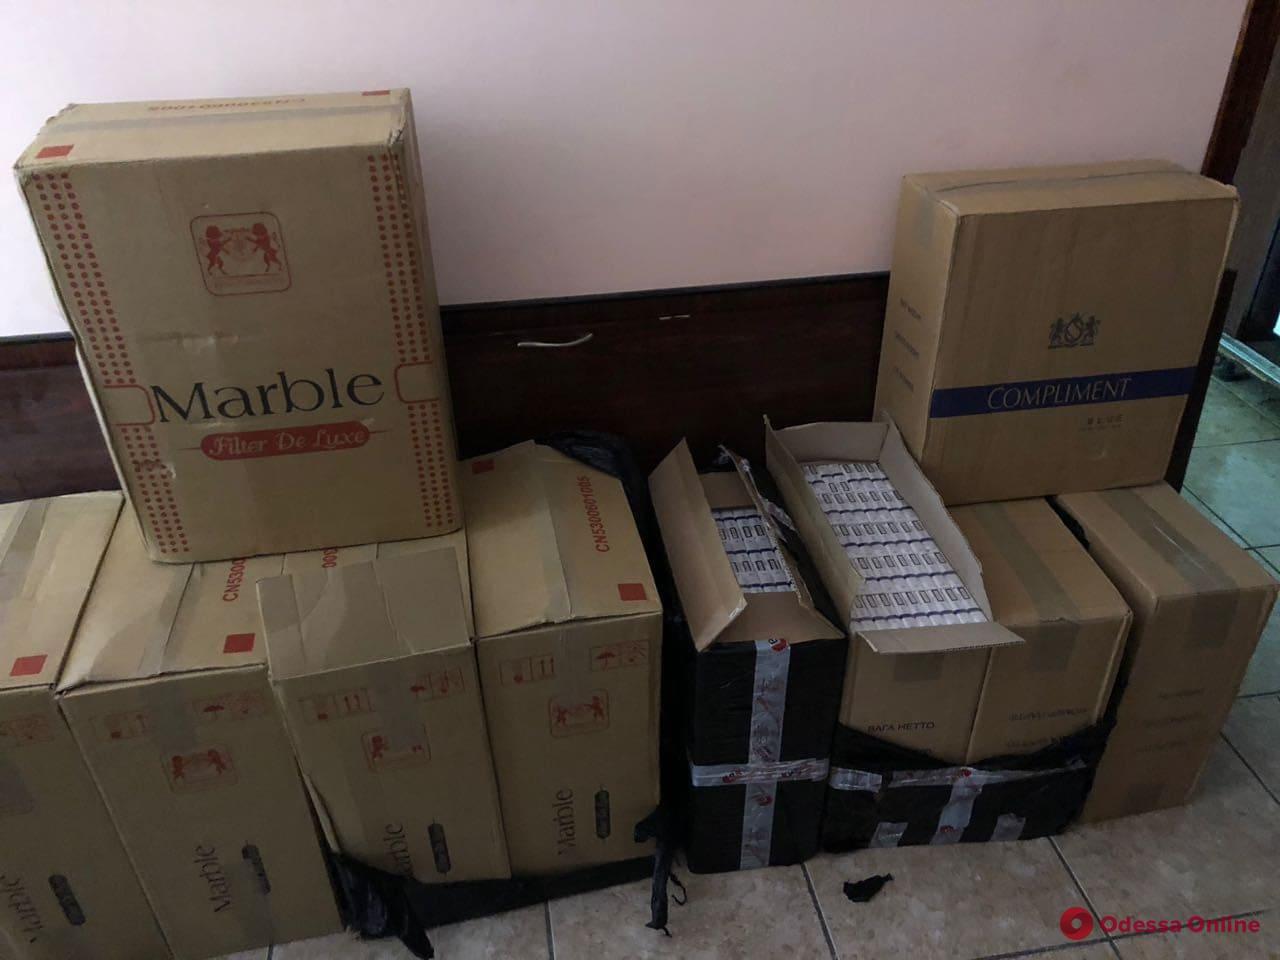 Одесская область: на складе нашли контрабандные сигареты на 100 тыс. грн (фото)